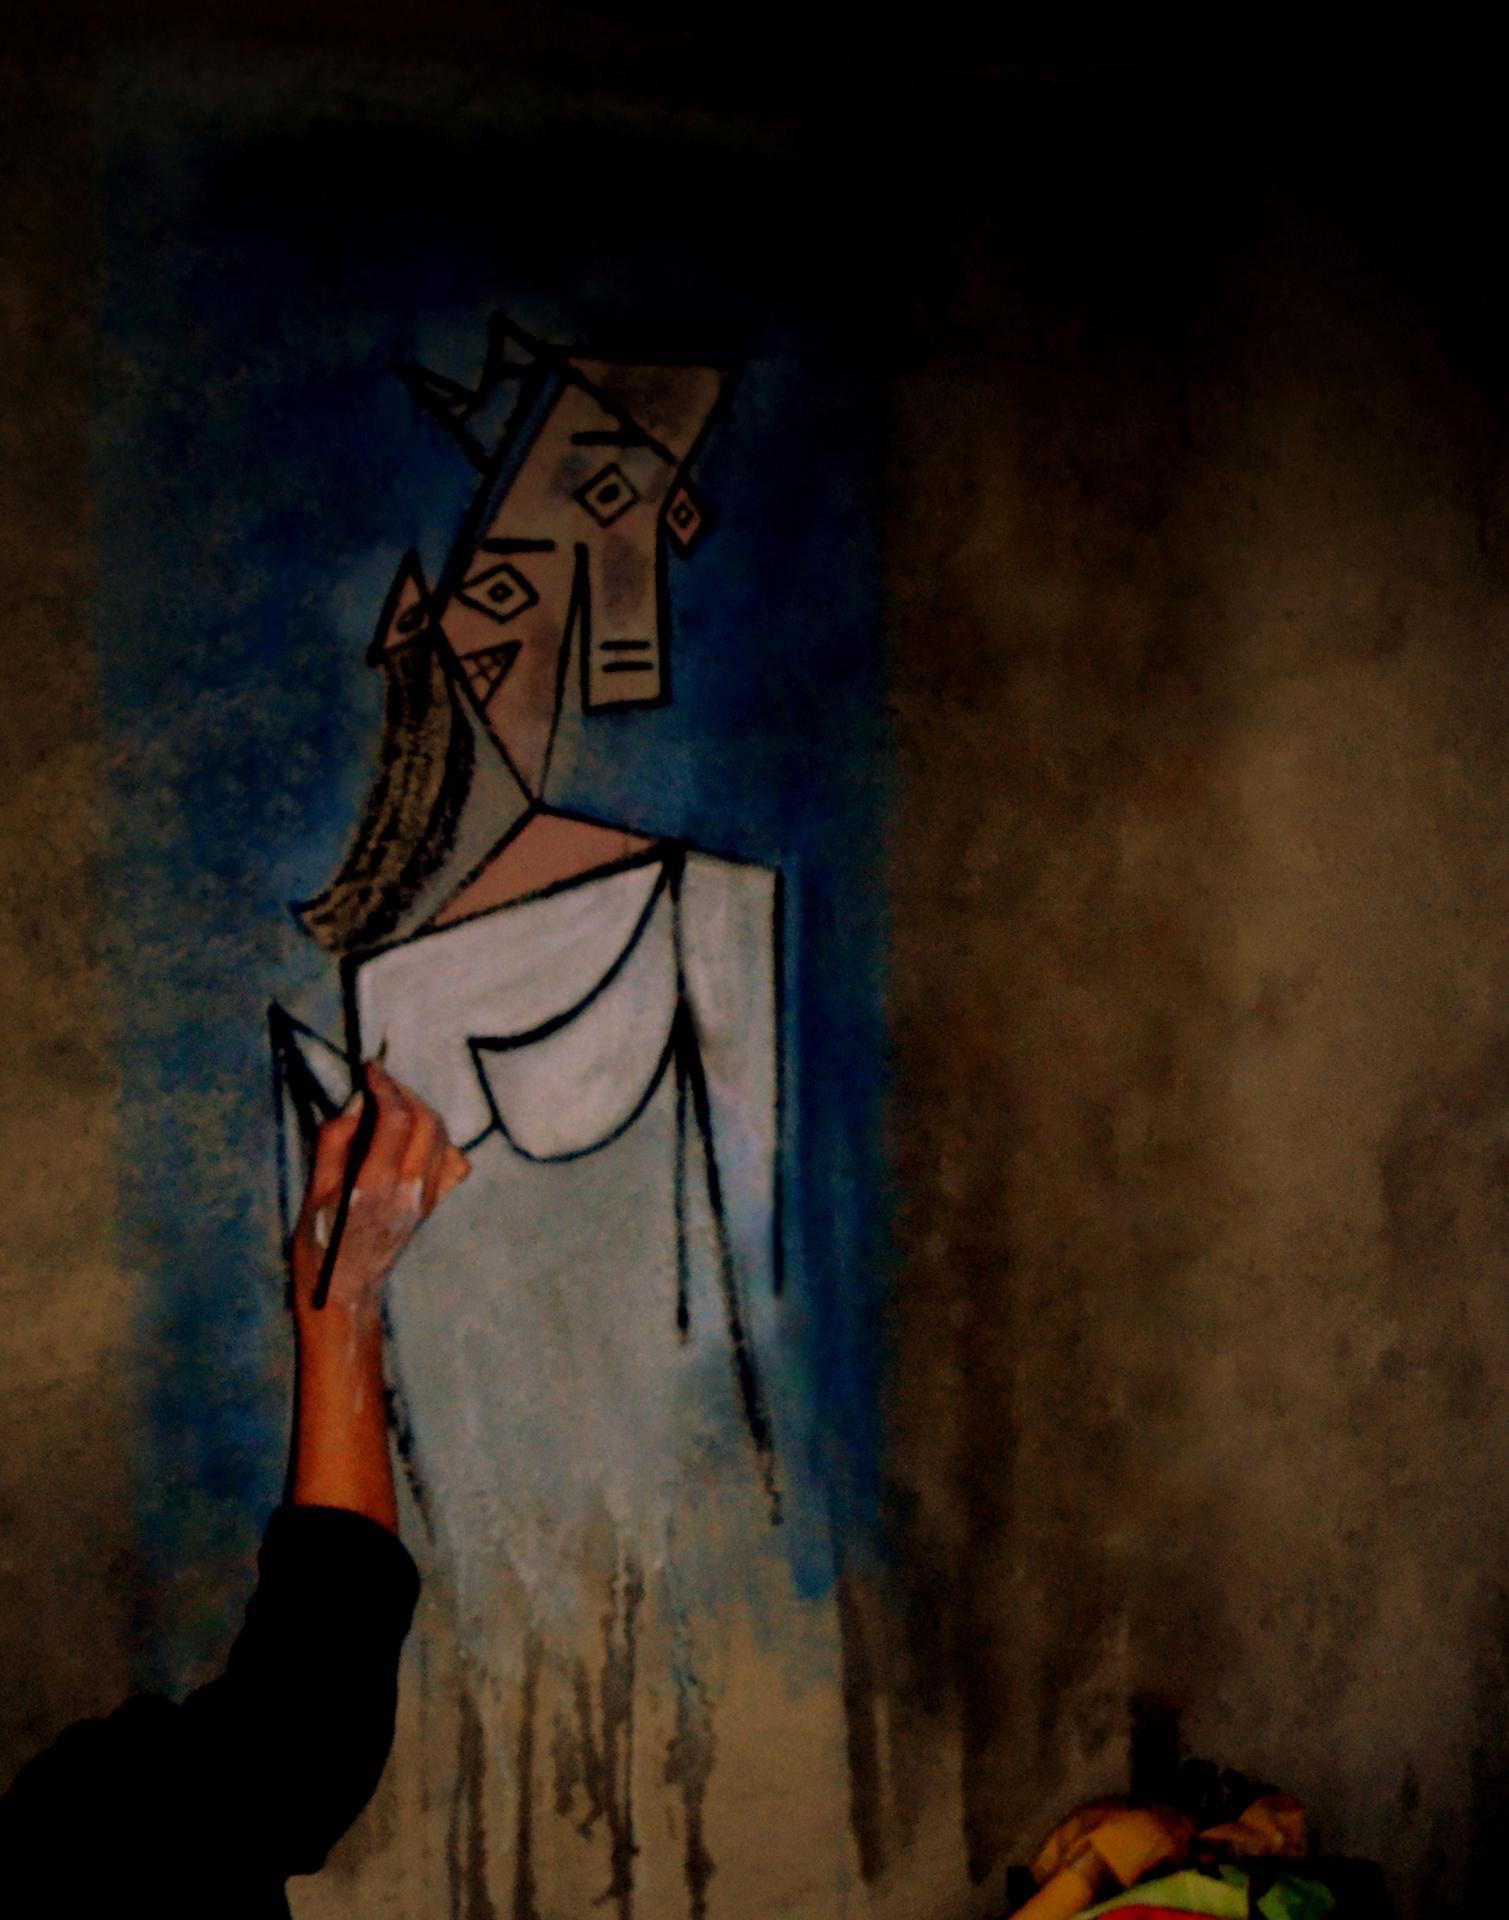 Jouer à Picasso...